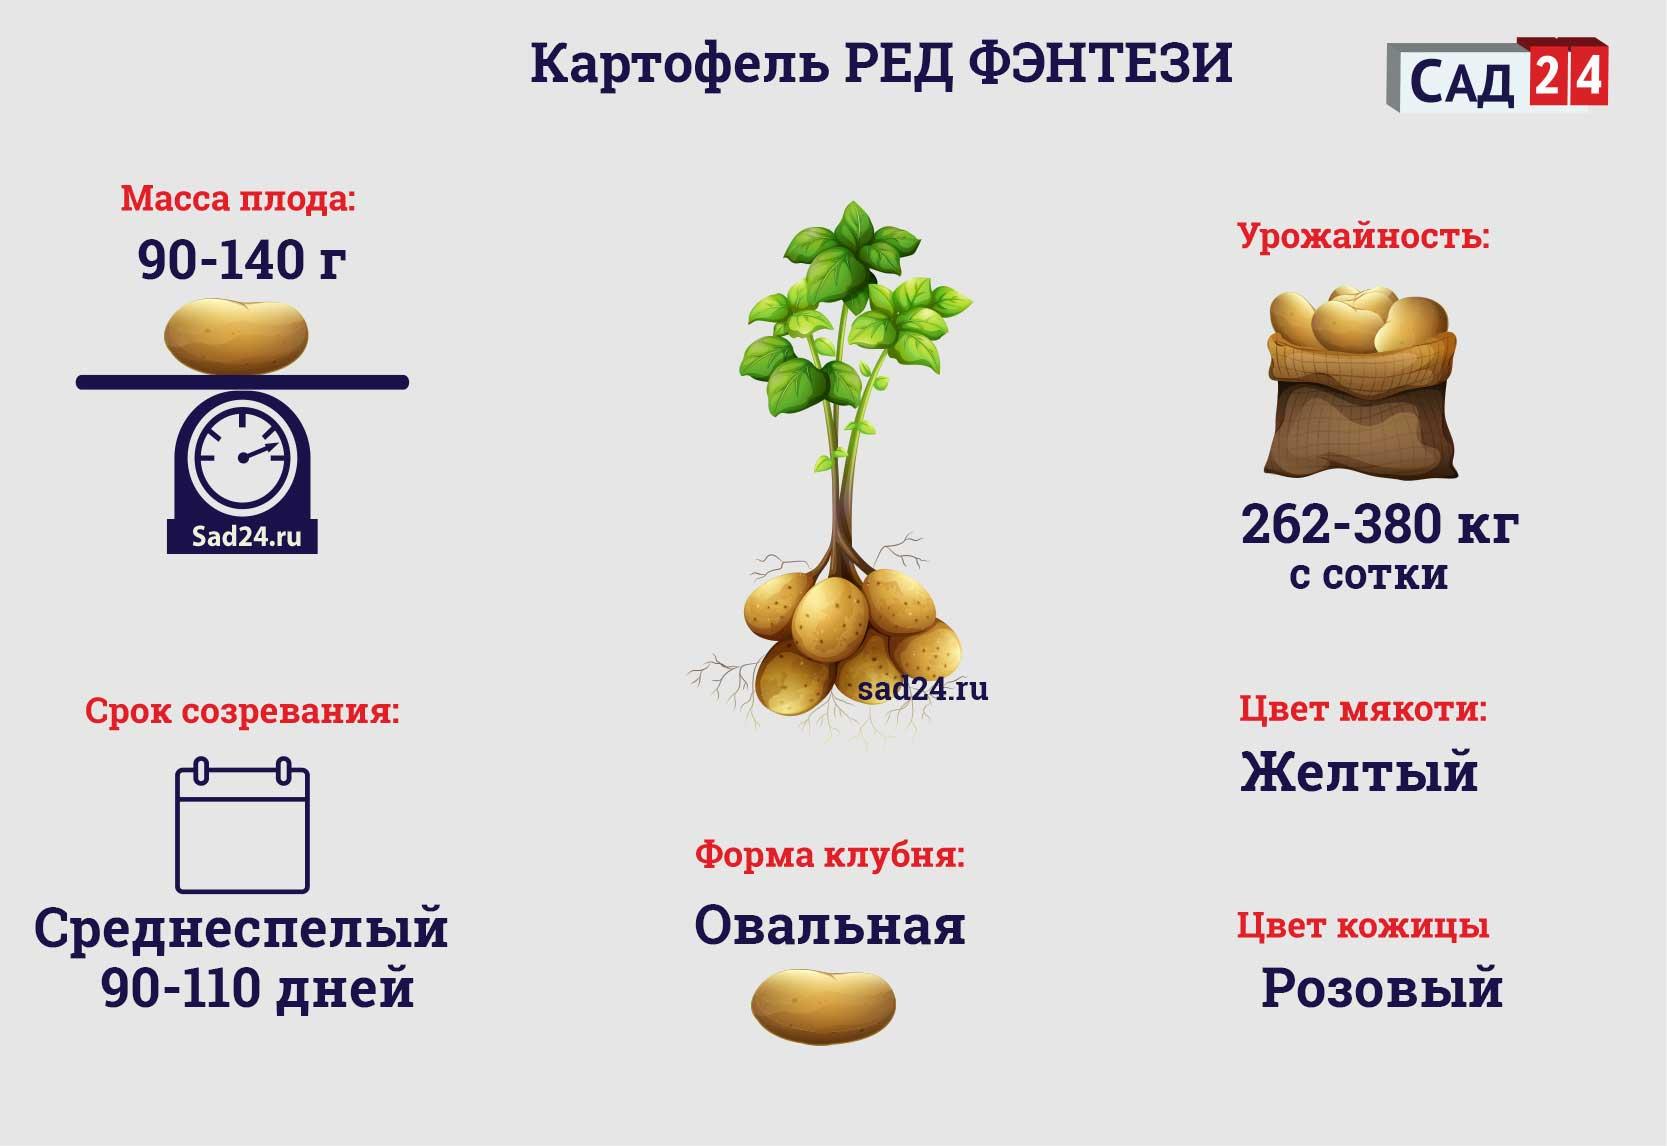 Ред фэнтези - https://sad24.ru